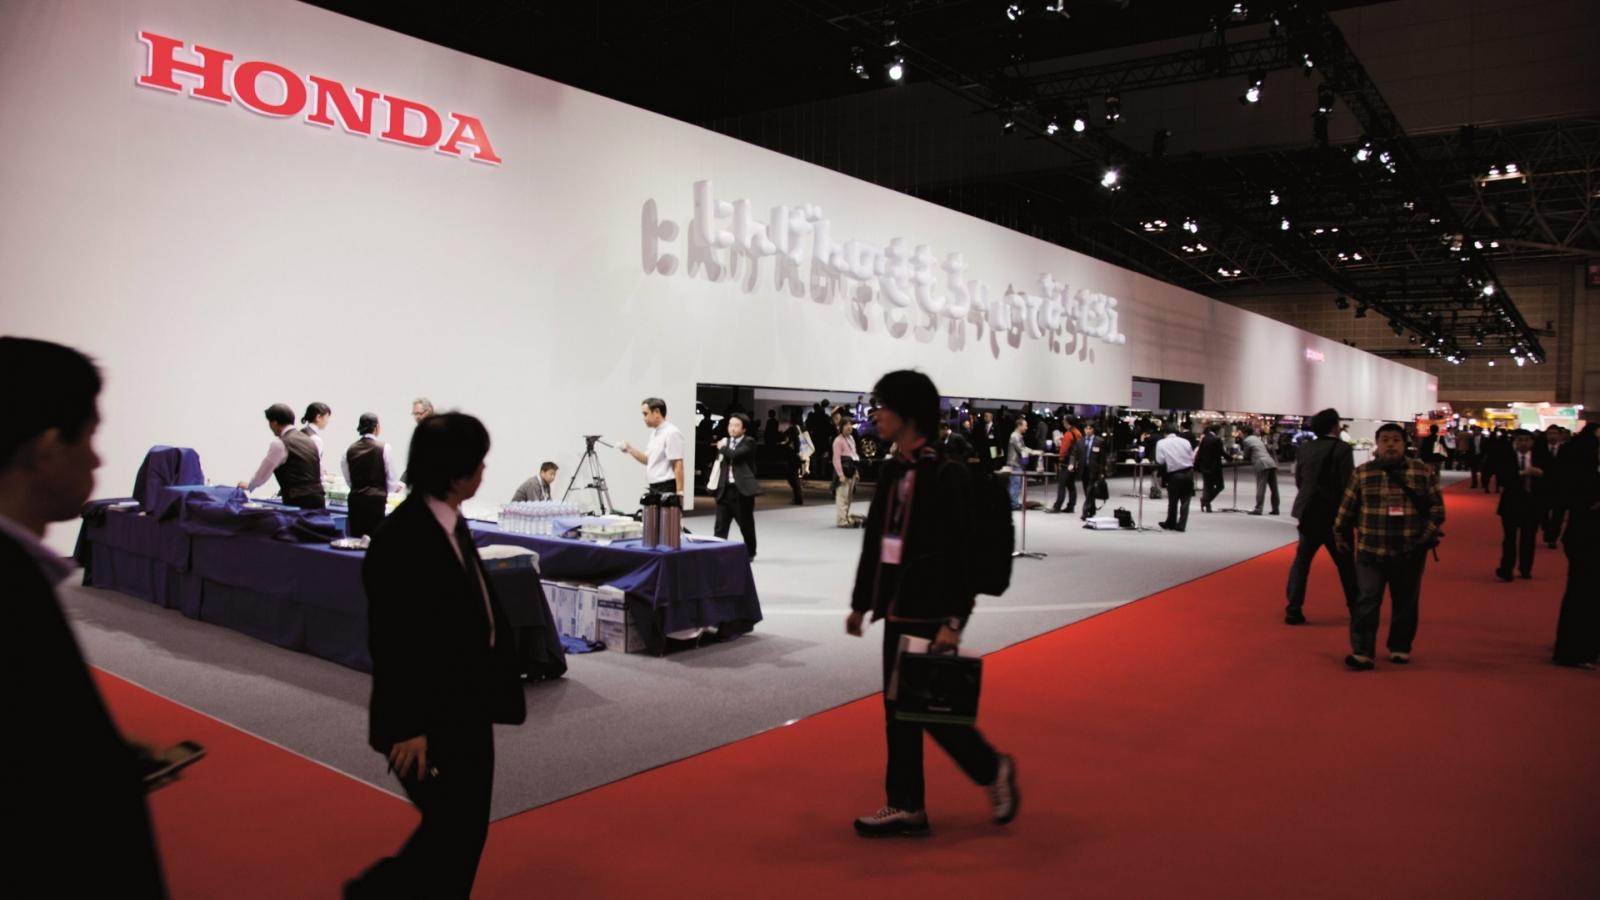 Đại dịch COVID-19 khiến triển lãm Tokyo Motor Show 2021 bị hủy